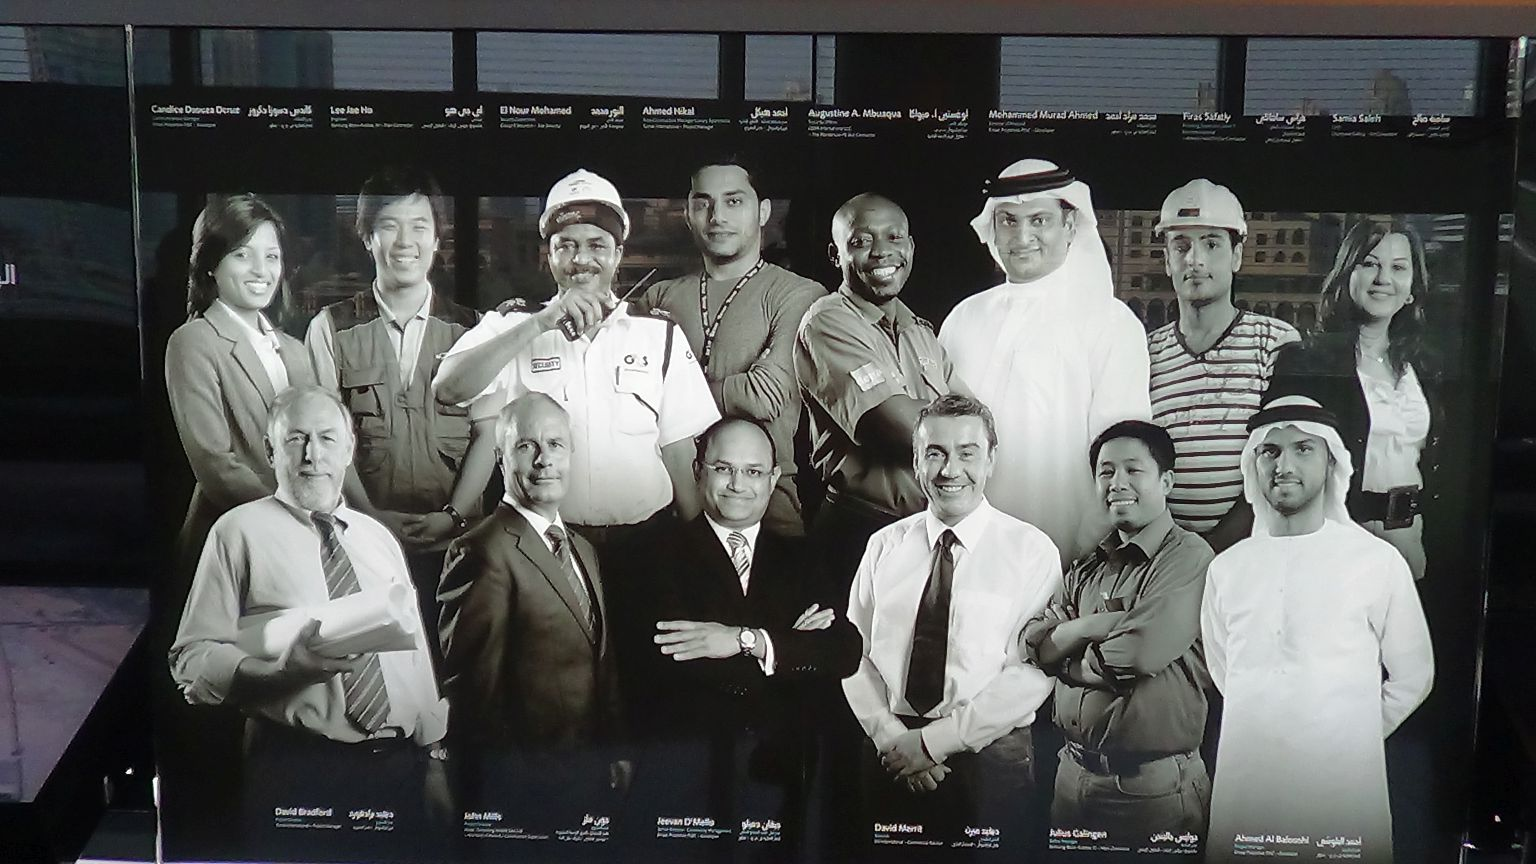 An Intercultural Team from Dubai